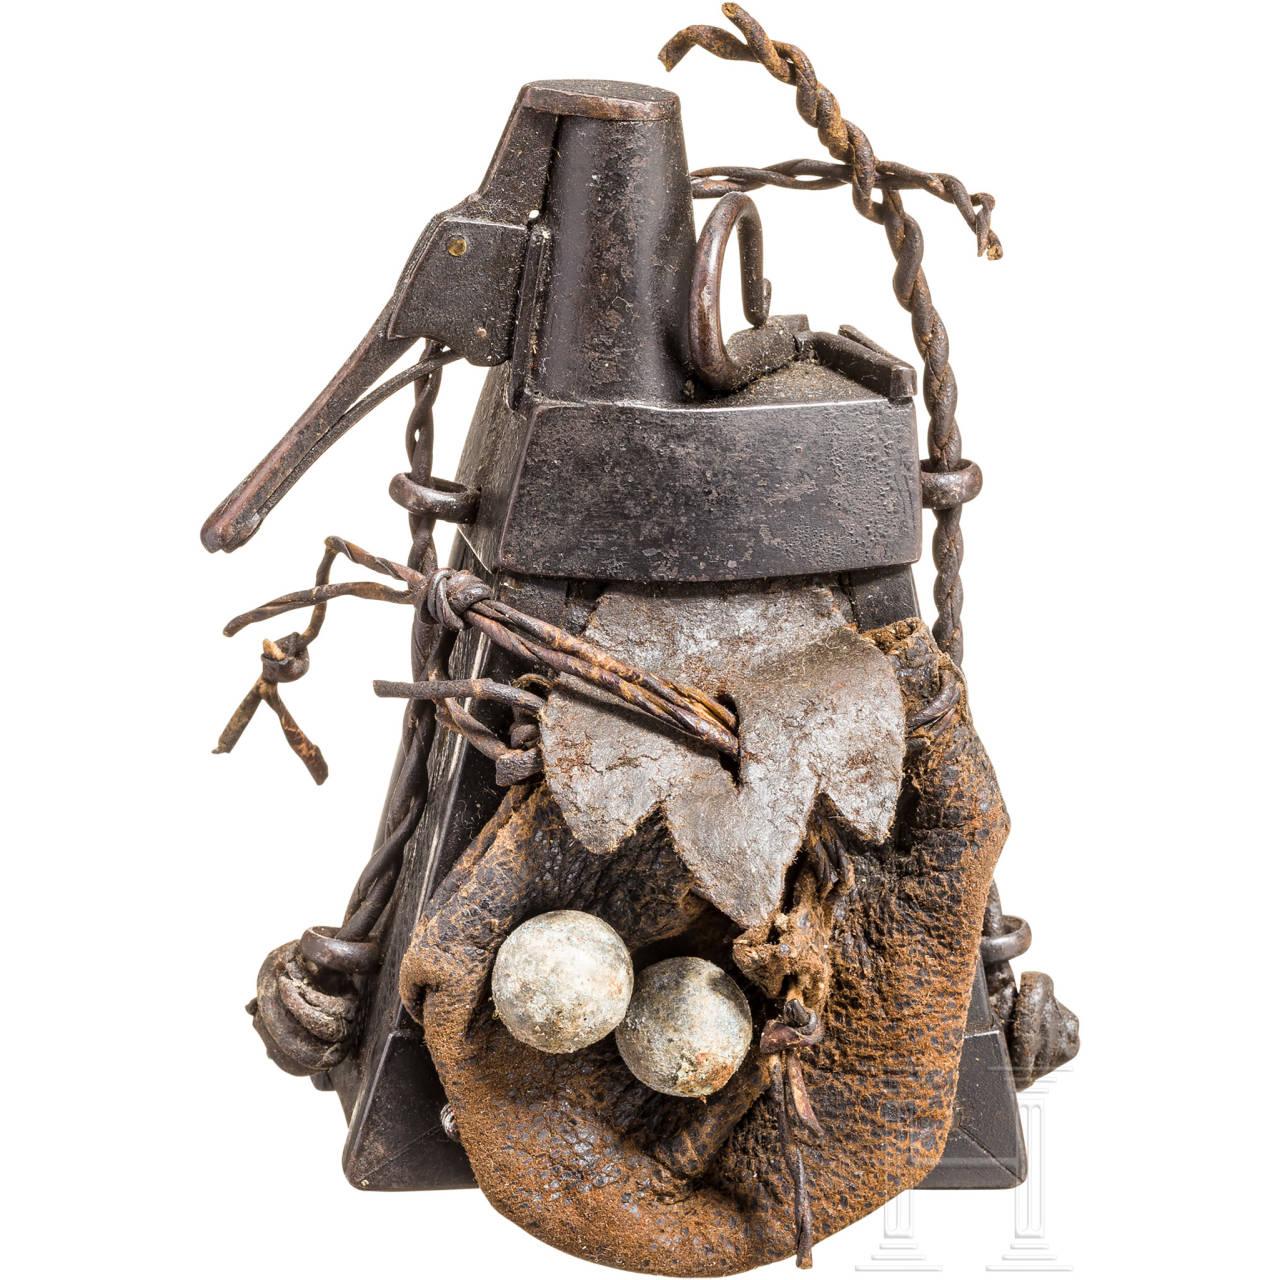 Militärische Pulverflasche mit Kugelbeutel, deutsch, wohl Sachsen, um 1600